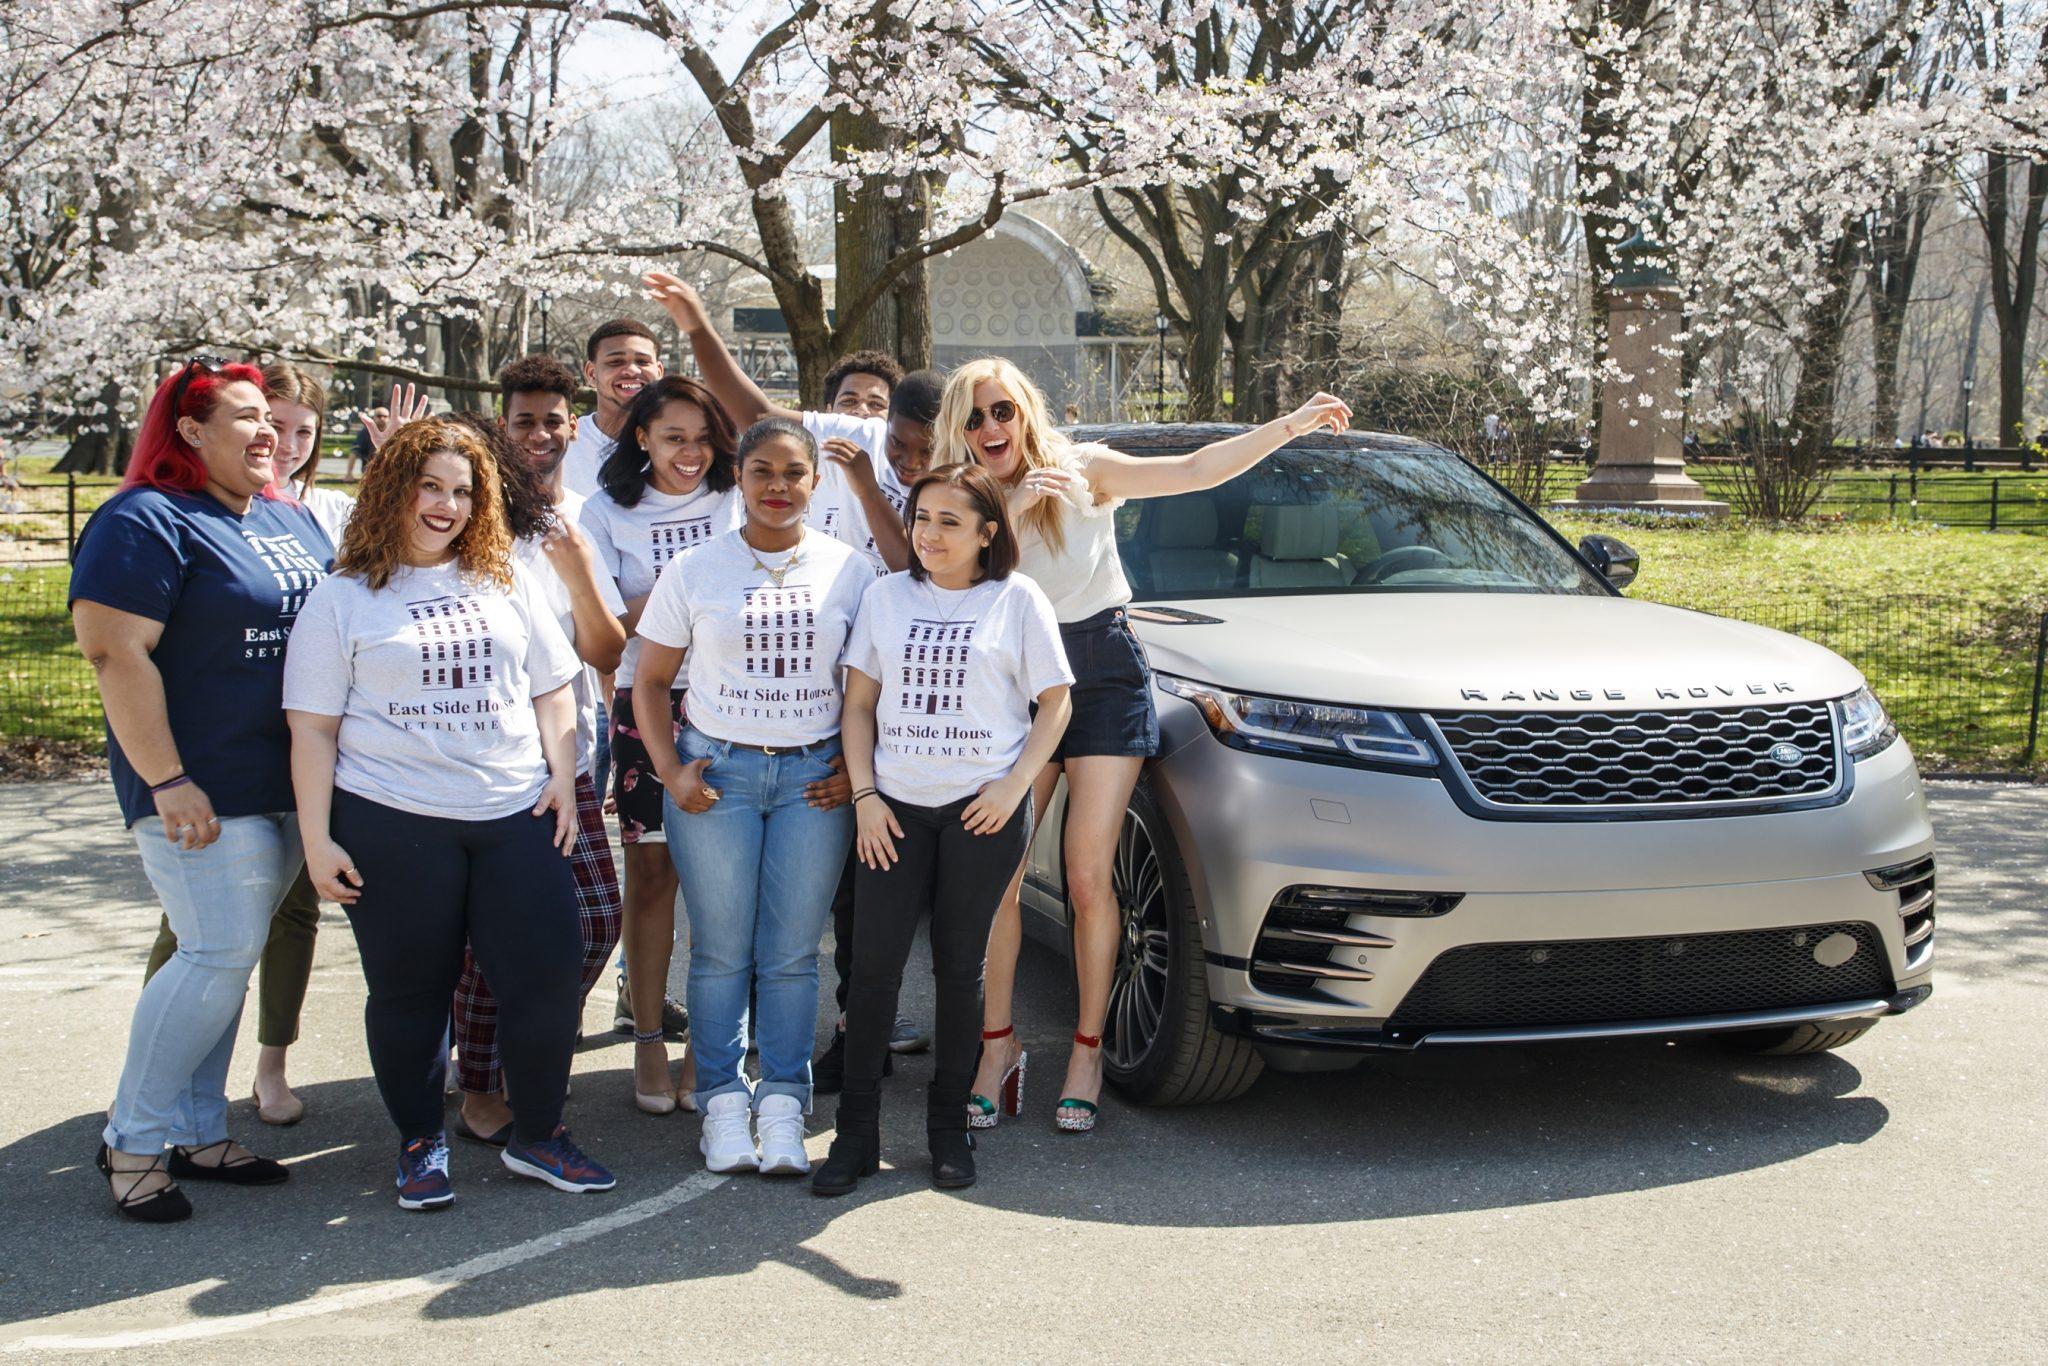 Ellie Goulding Drives New Range Rover Velar in New York [Photos]